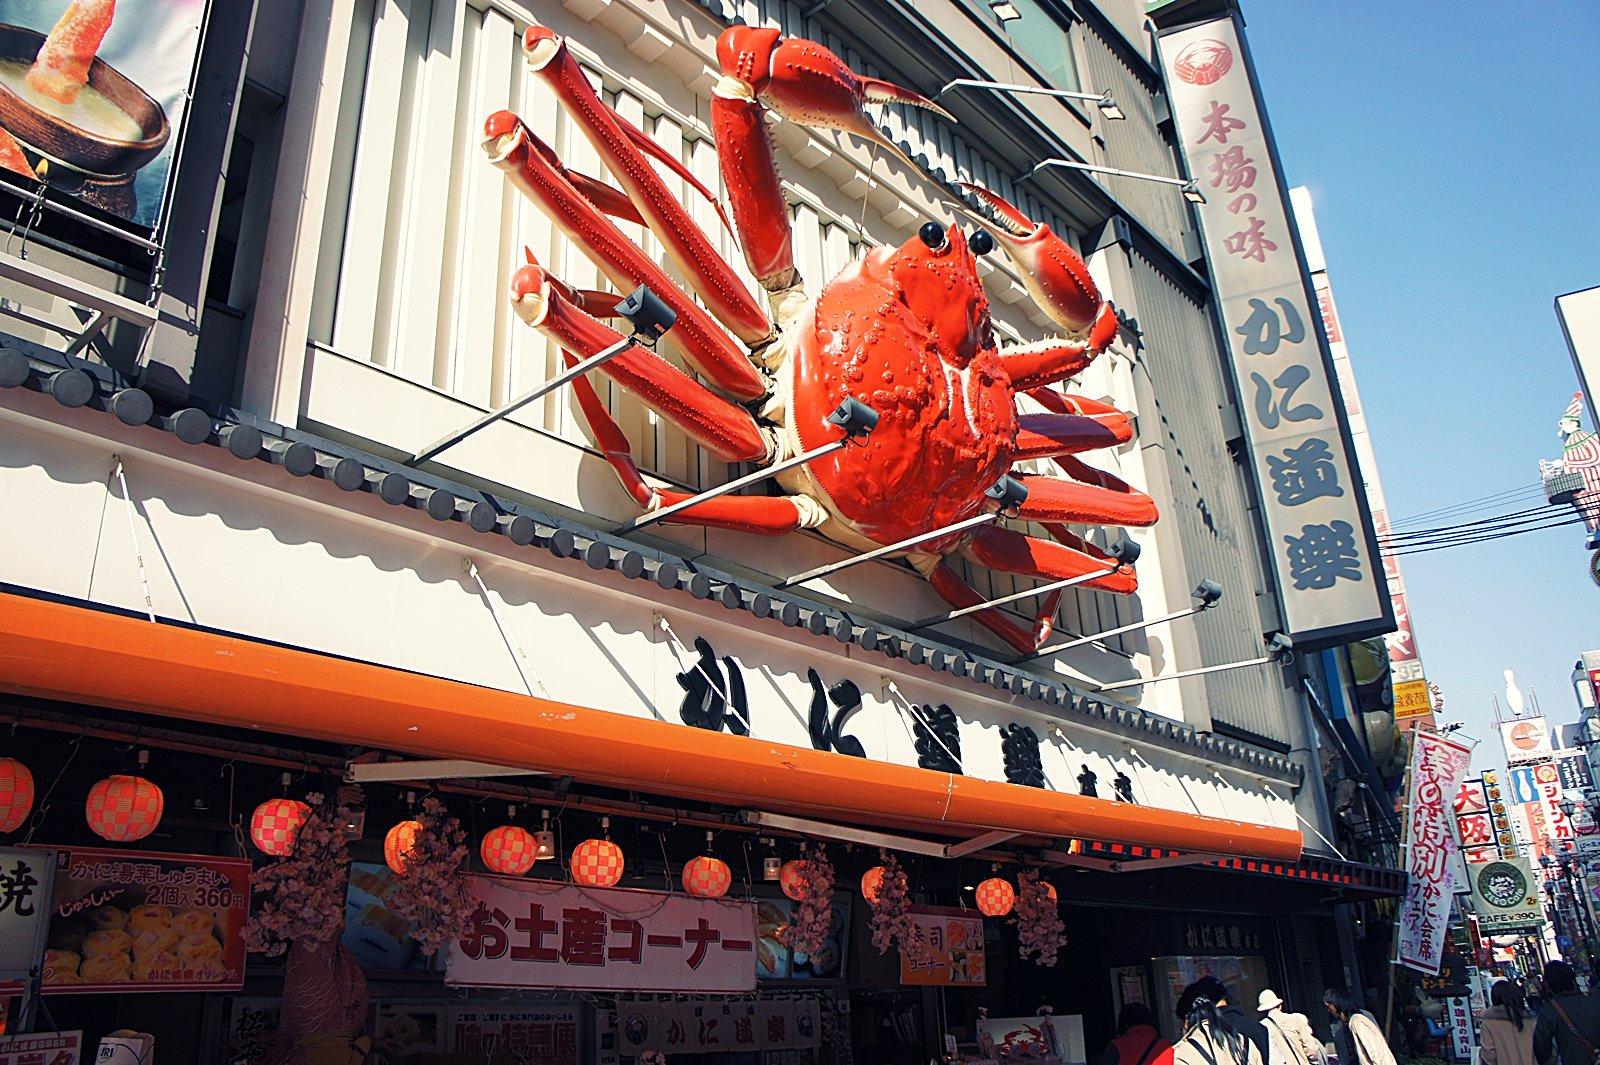 日本大阪_日本有多少好吃的攻略_尝试日本大阪特色美食餐厅蟹道